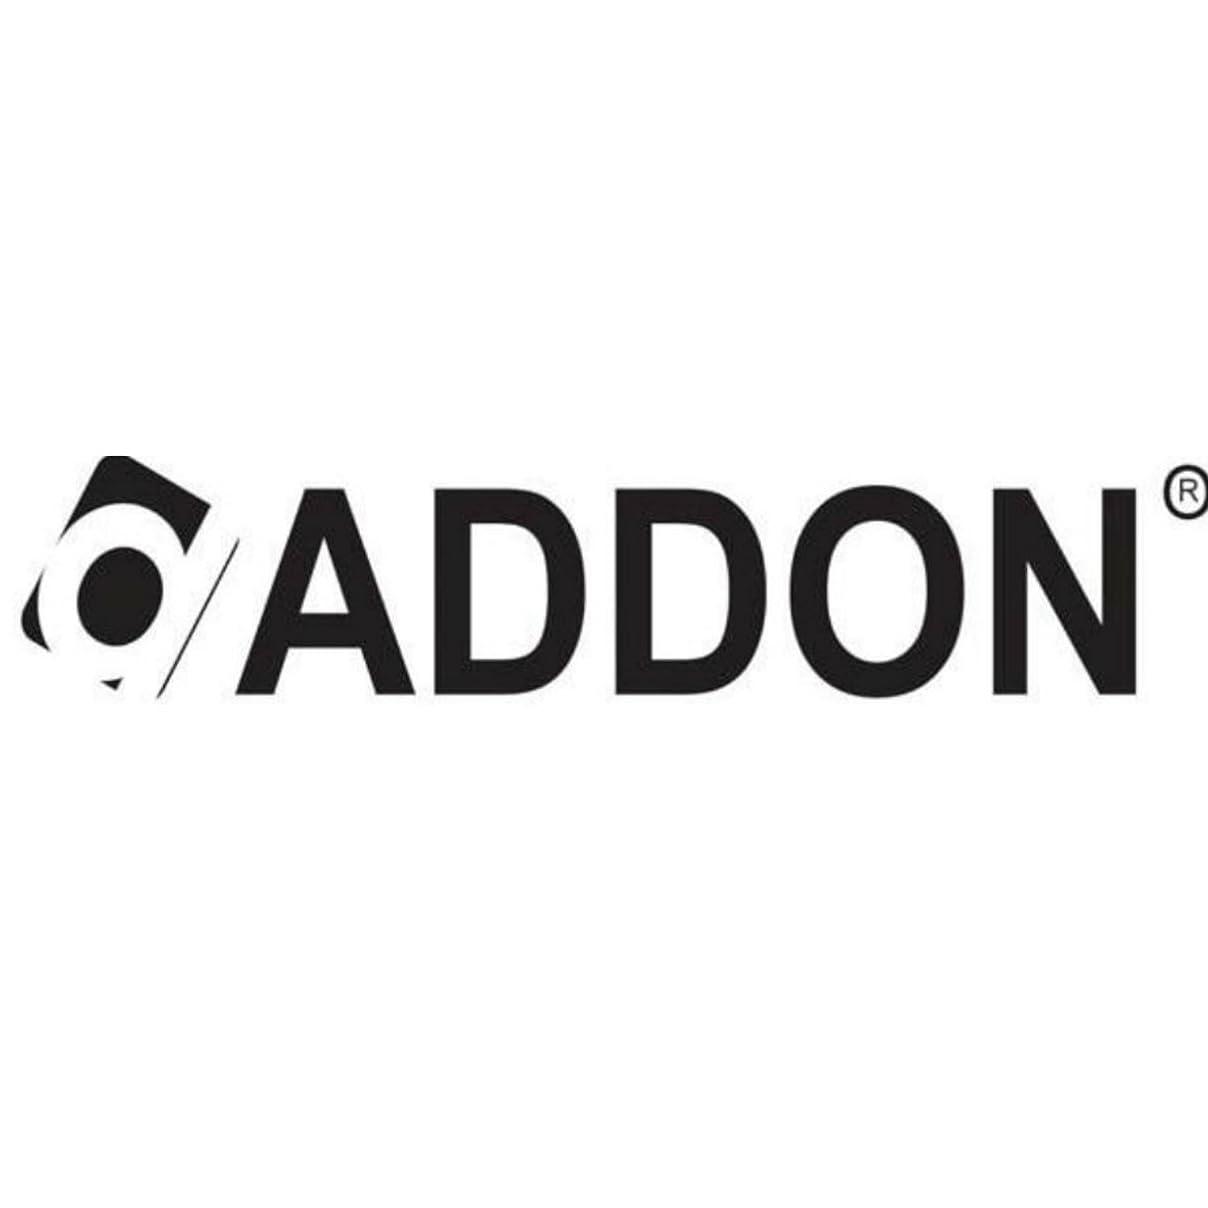 注釈推定する対AddOn Cisco ONS-SE-2G-1510 Compatible SFP Transceiver - SFP+ transceiver module ( equivalent to: Cisco ONS-SE-2G-1510 ) - 10 Gigabit Ethernet - 10GBase-CWDM - LC single mode - up to 49.7 mil